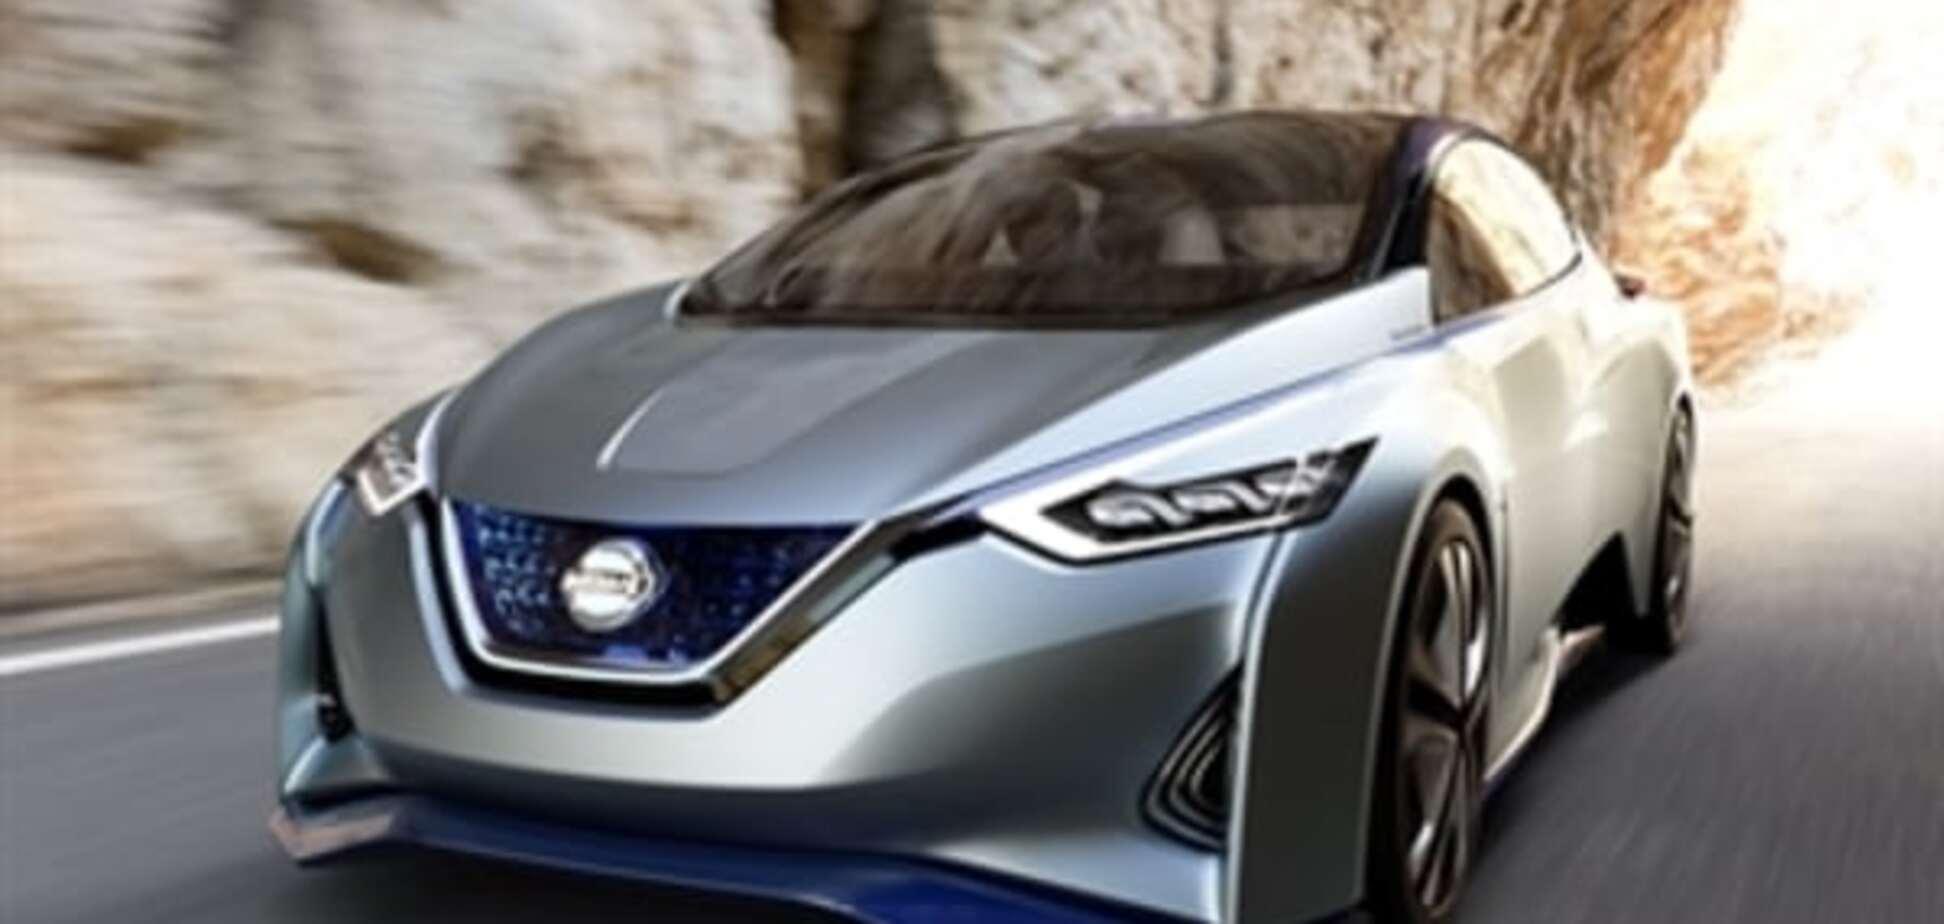 Токийский автосалон: Nissan показал 'беспилотник', который ездит в стиле хозяина